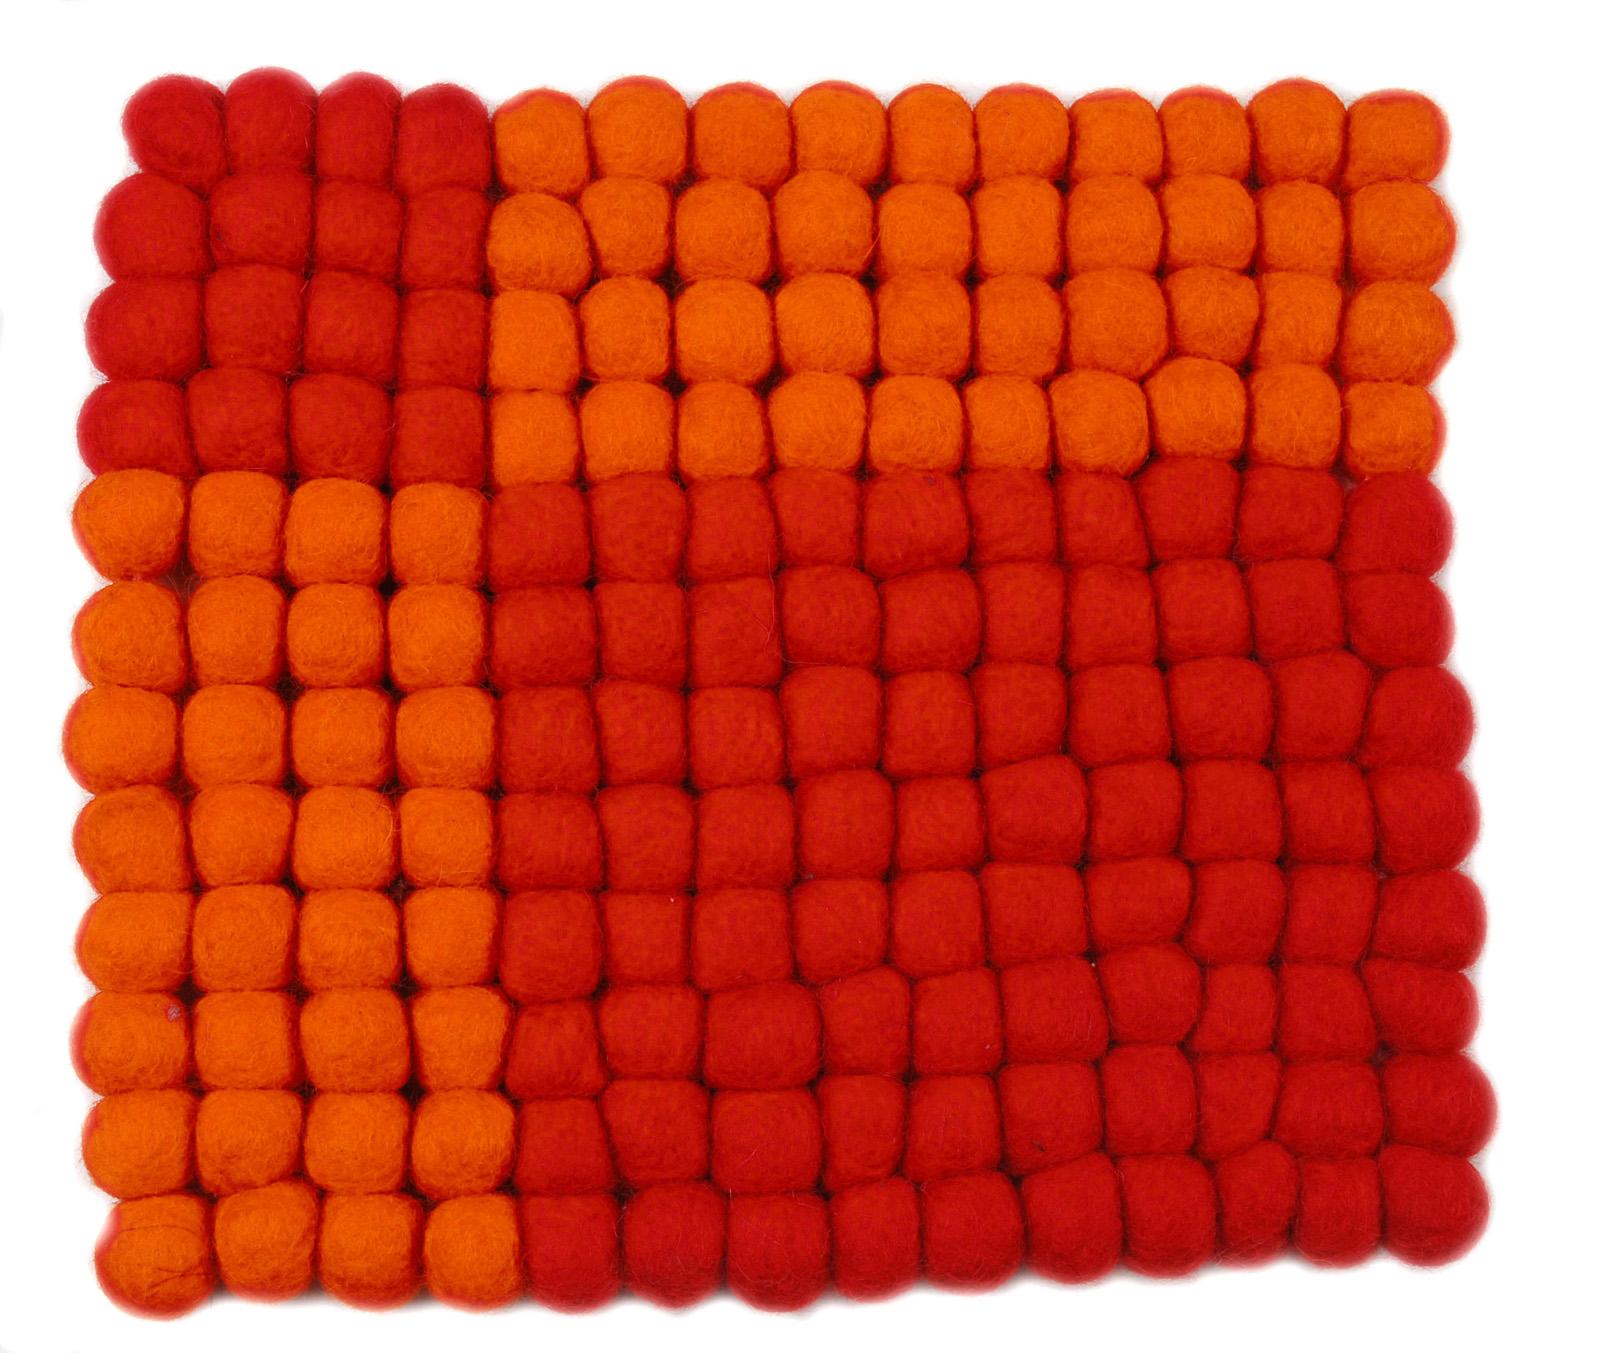 ポットスタンド角 レッドxオレンジ